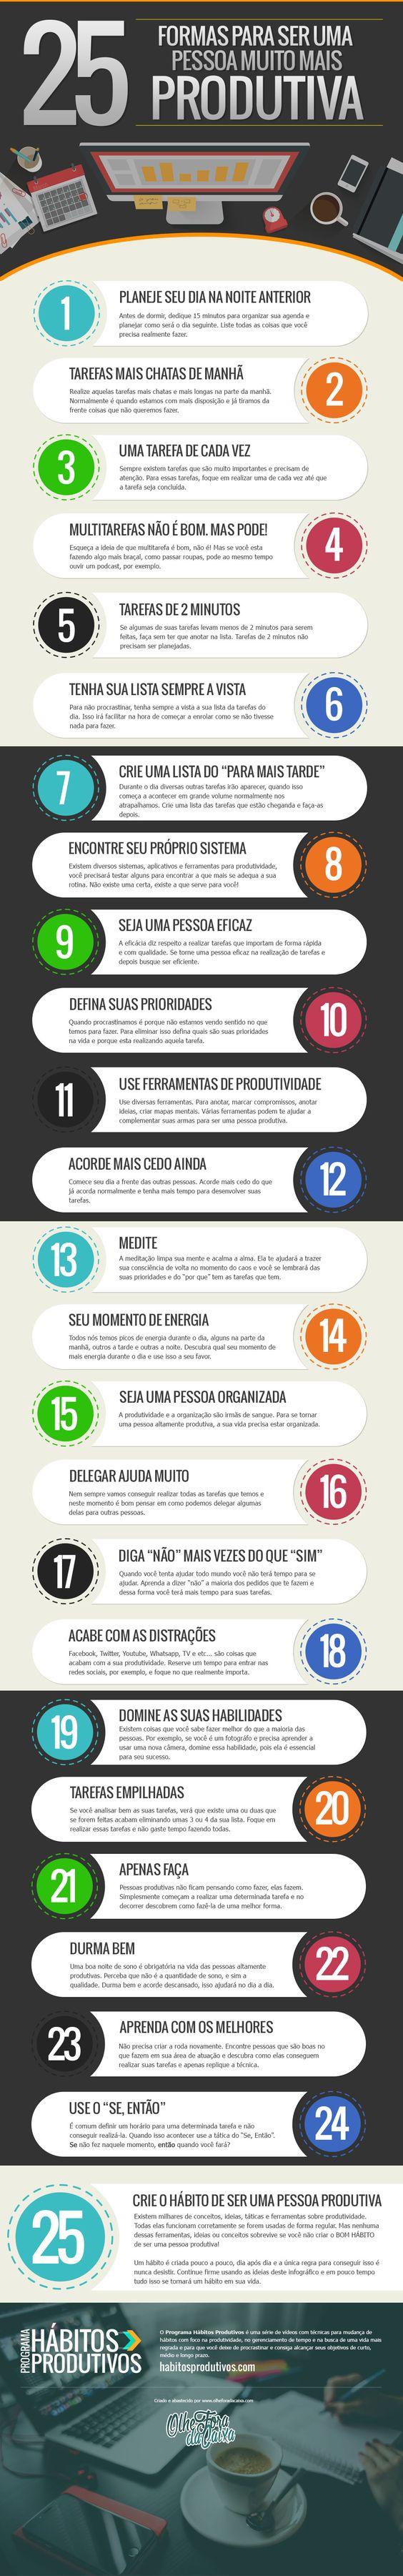 25 formas para ser uma pessoa muito mais produtiva: